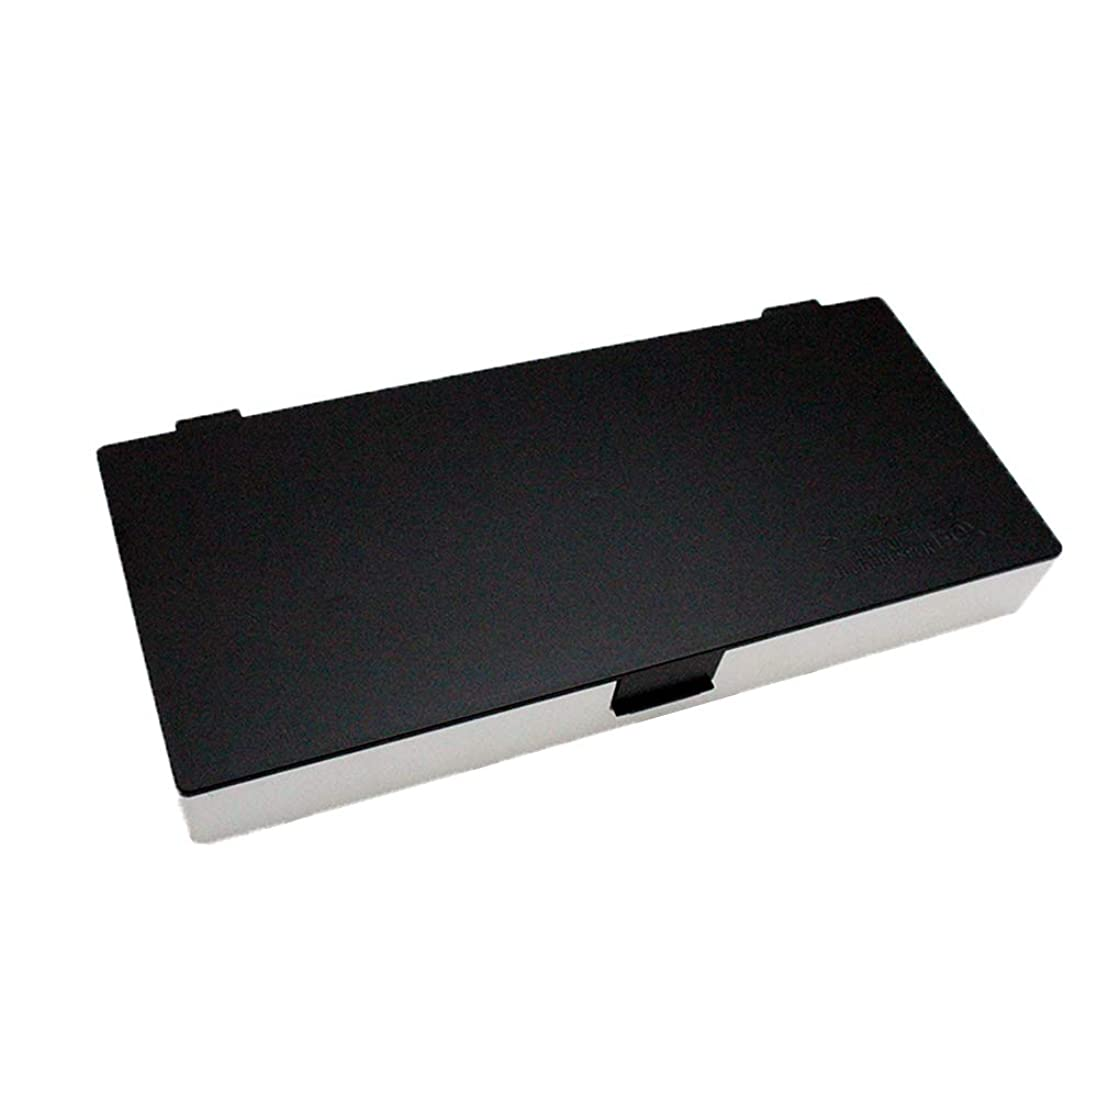 抜粋ジェム不愉快にアップスタイリングシステムボックス (白黒) ノンスリップ ヘアピン ケース コスメボックス メイクボックス メークボックス メイクケース メークケース